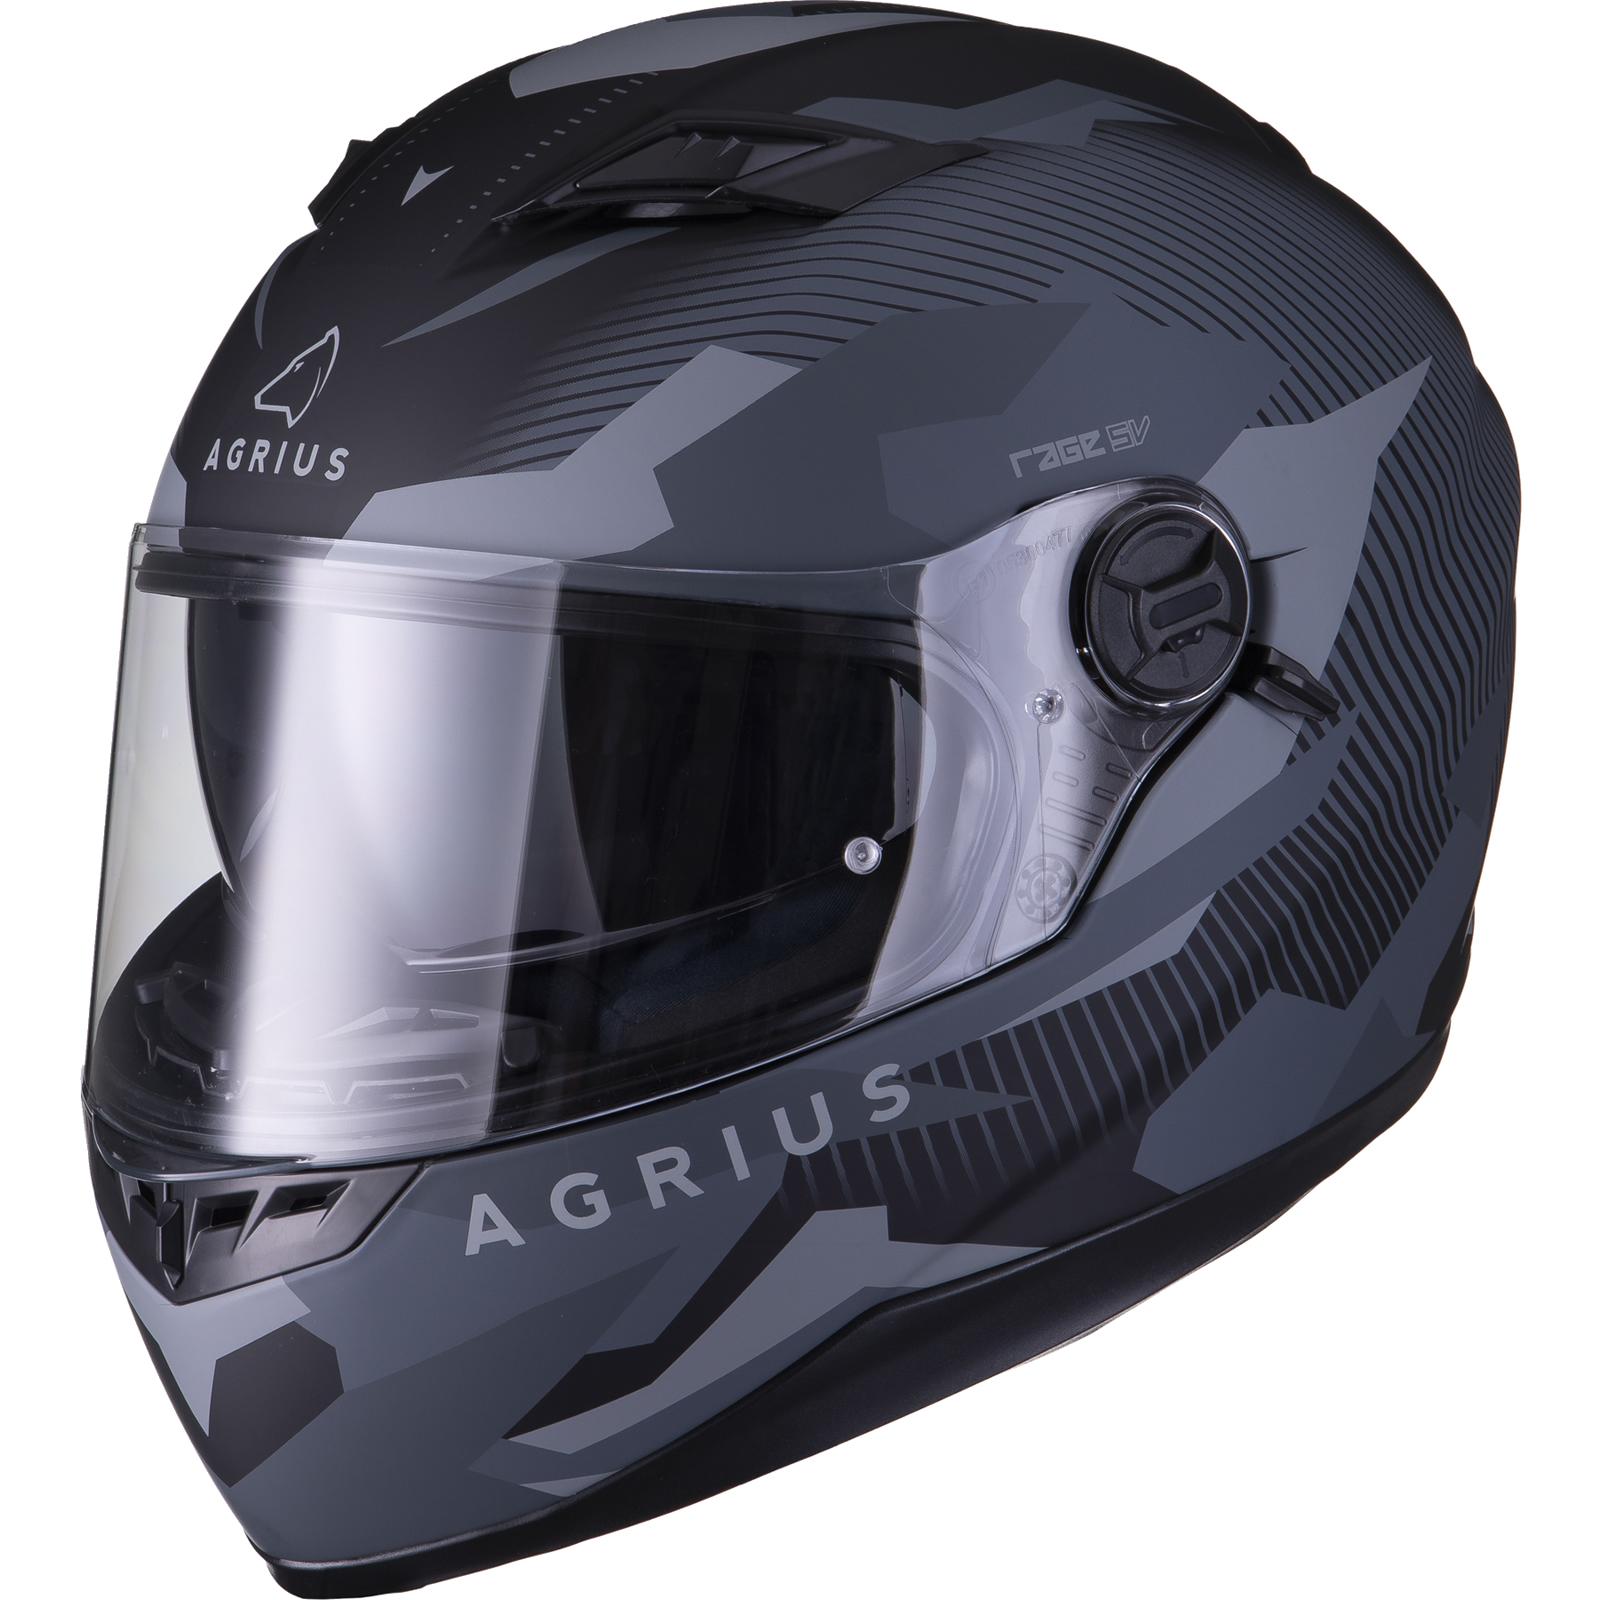 Agrius-Rage-SV-Tracker-Full-Face-Motorcycle-Matt-Helmet-bike-Road-Bike-Scooter thumbnail 14